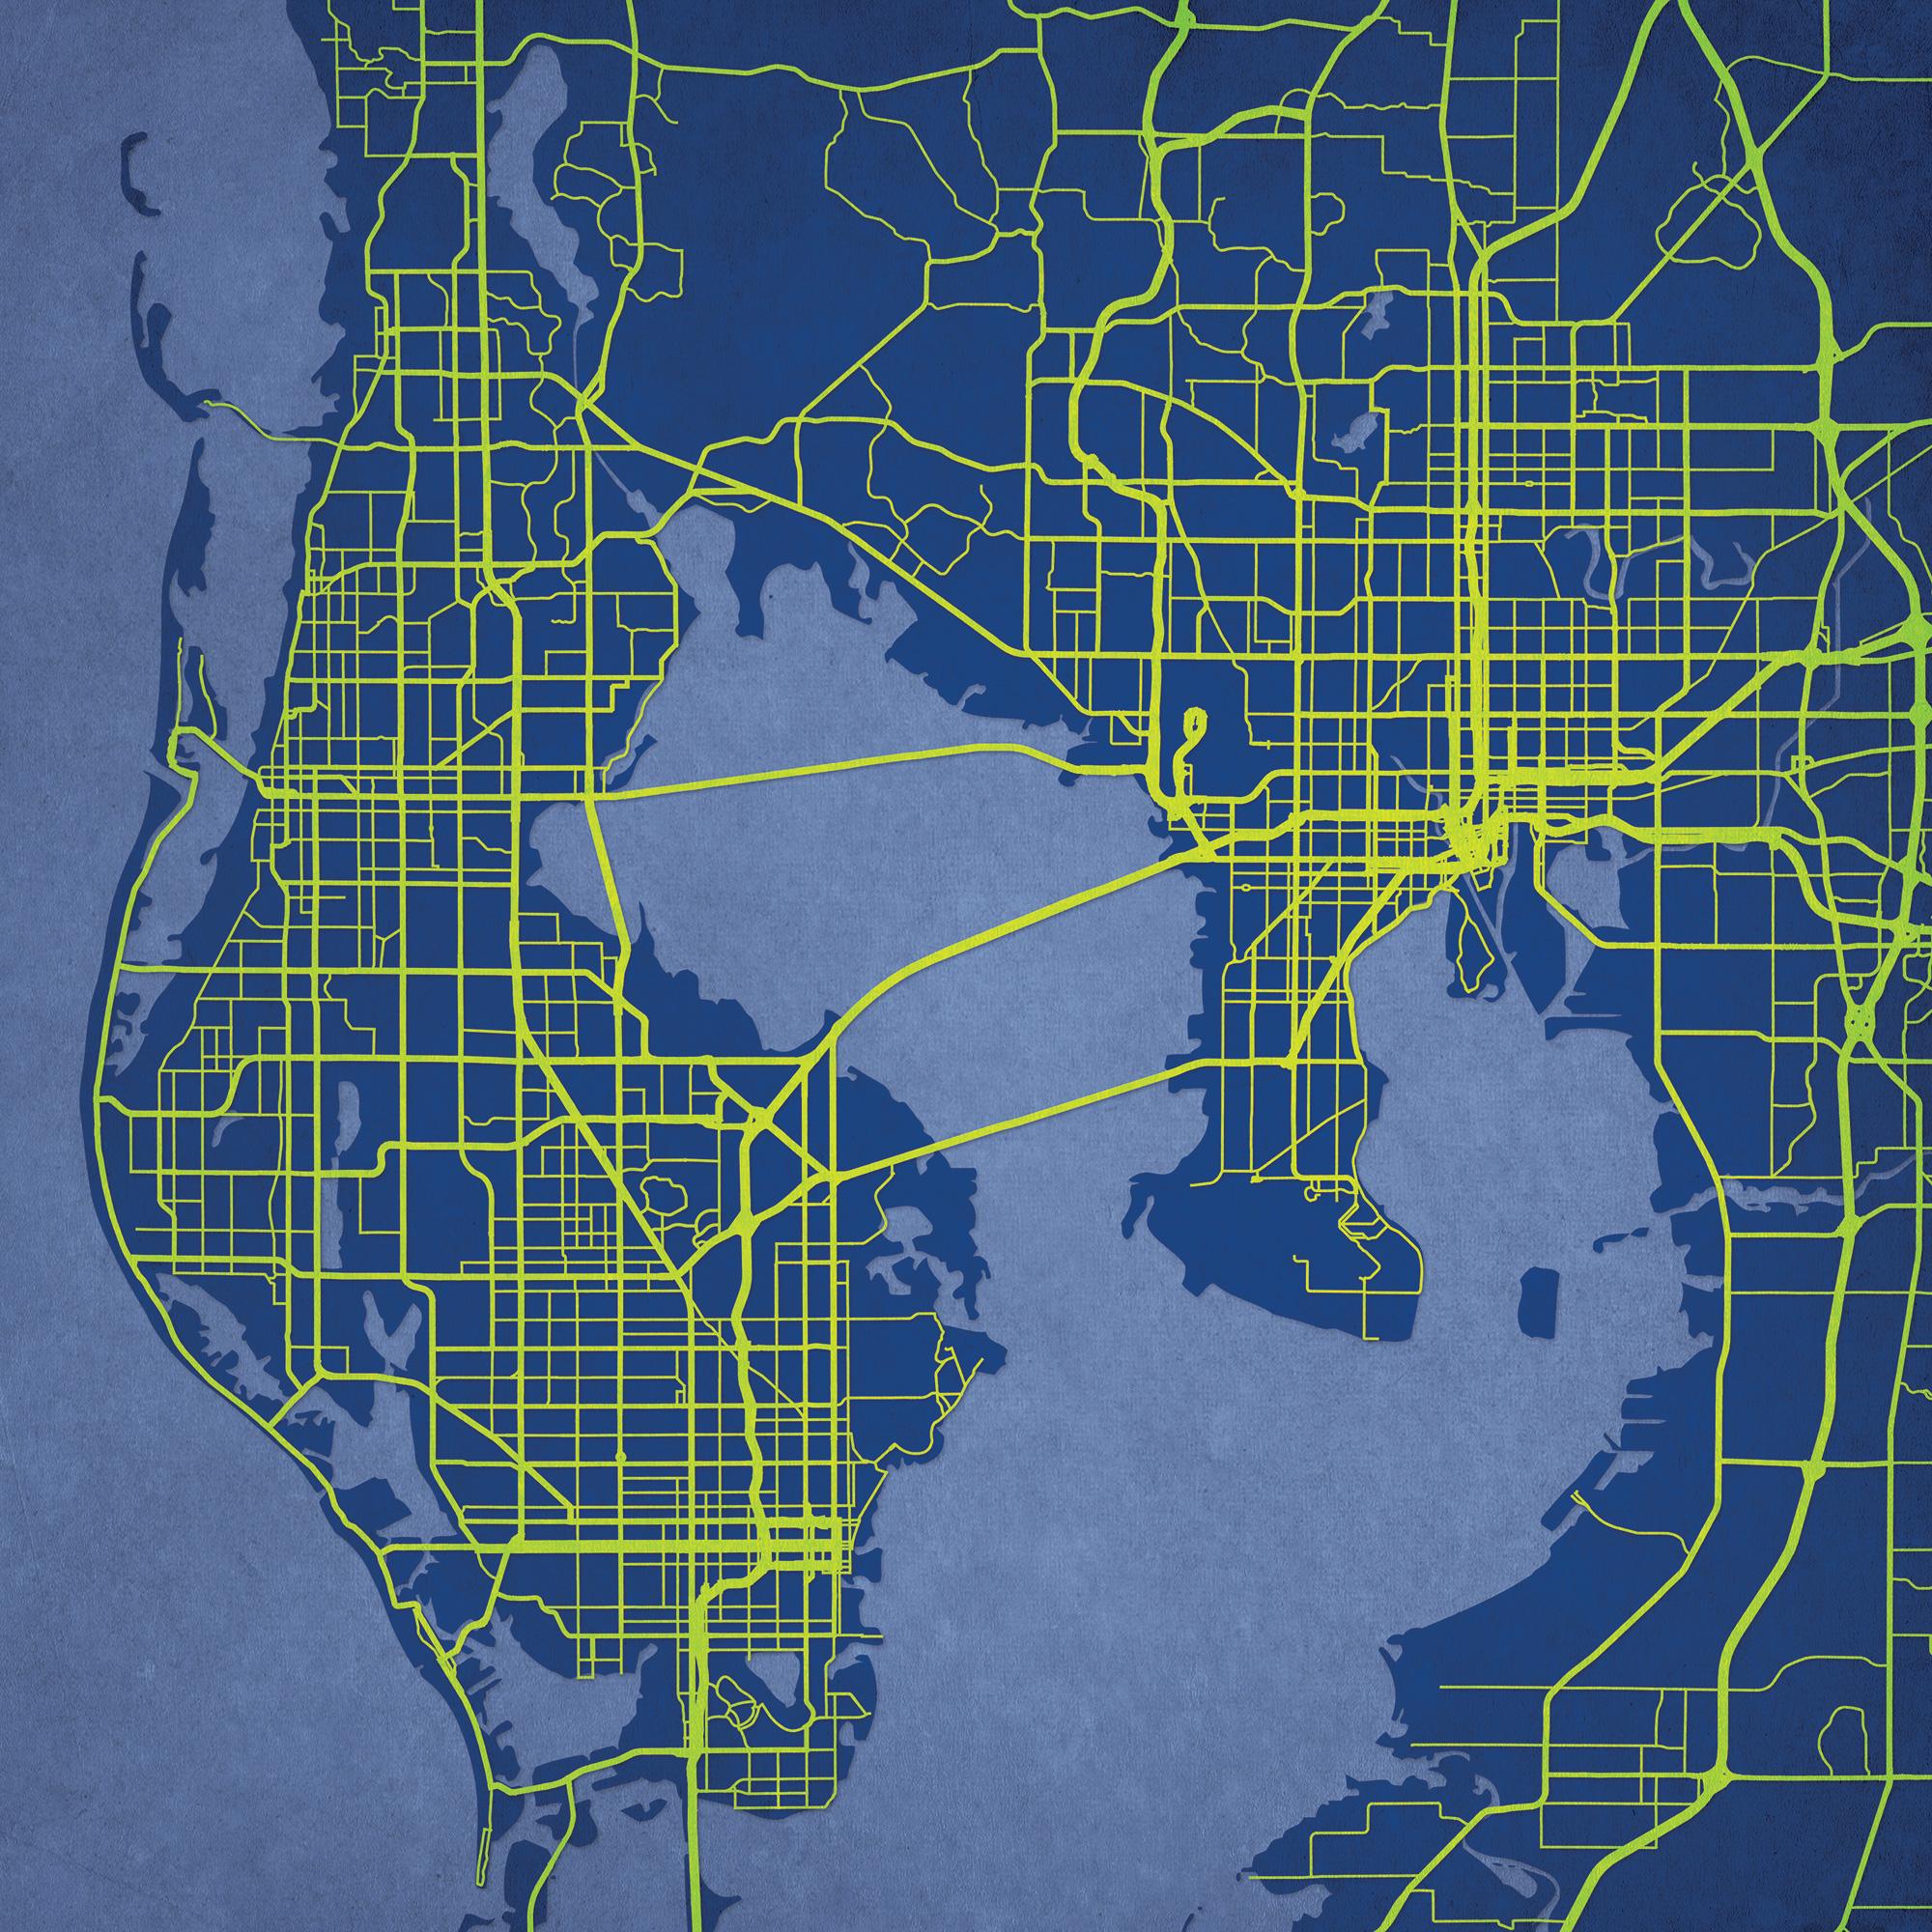 Tampa Bay, Florida Map Art - City Prints - Florida Map Art